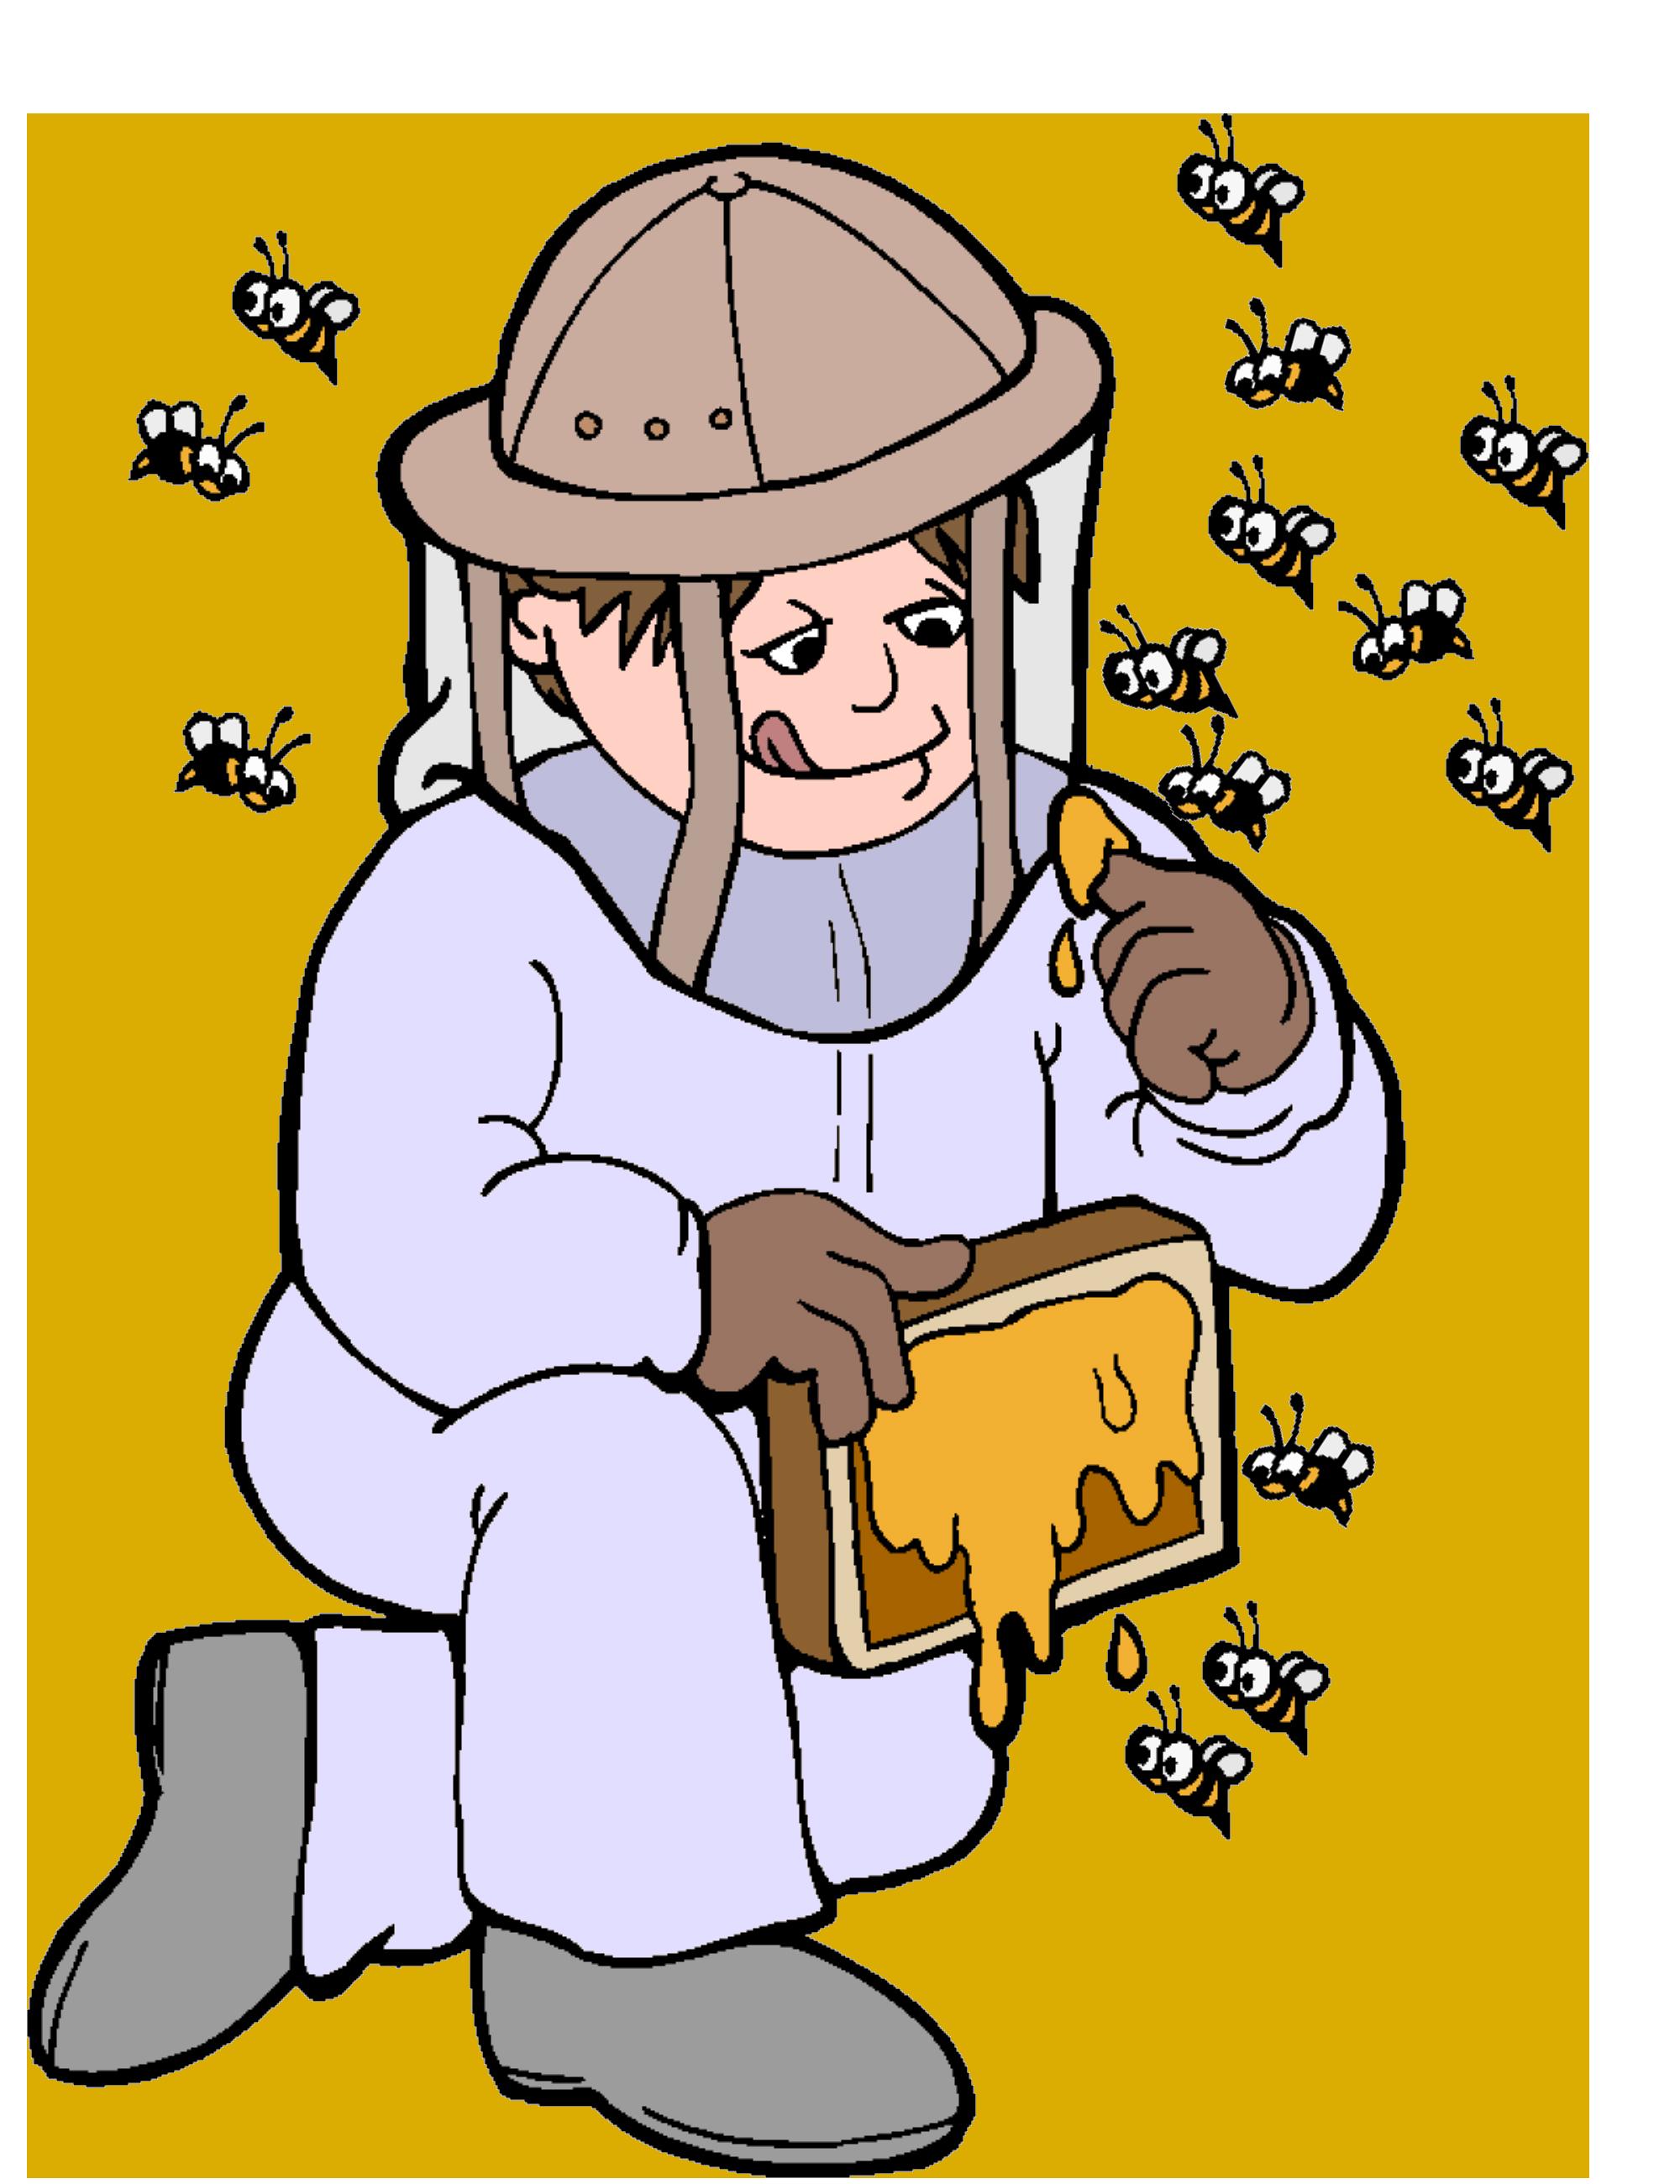 Man Beekeeper